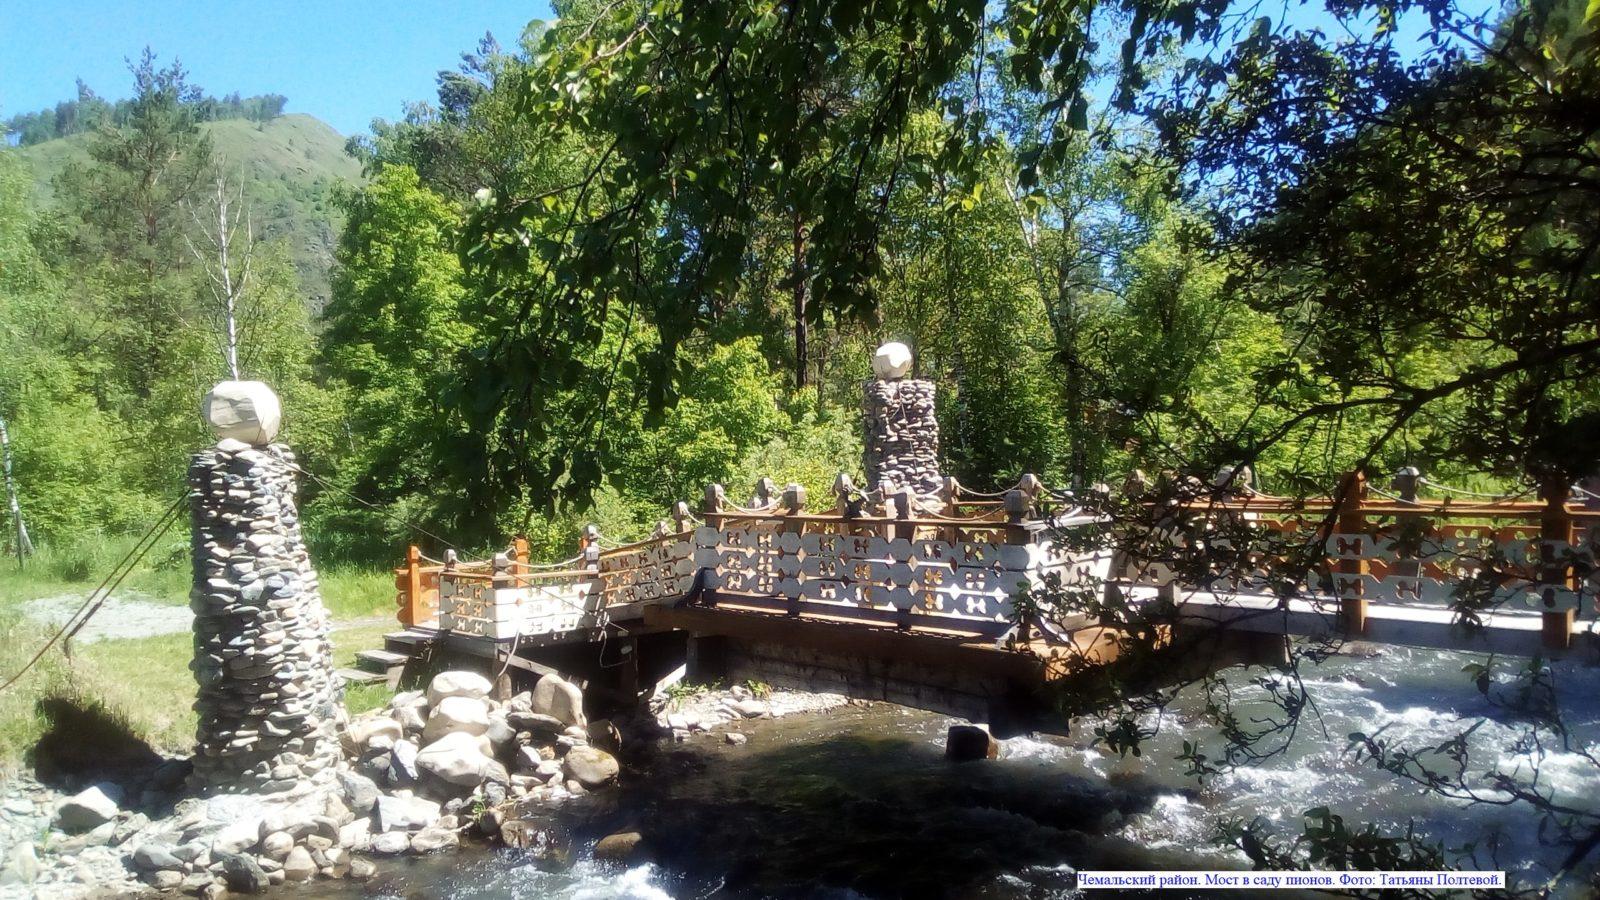 Чемальский район. Мост в саду пионов.